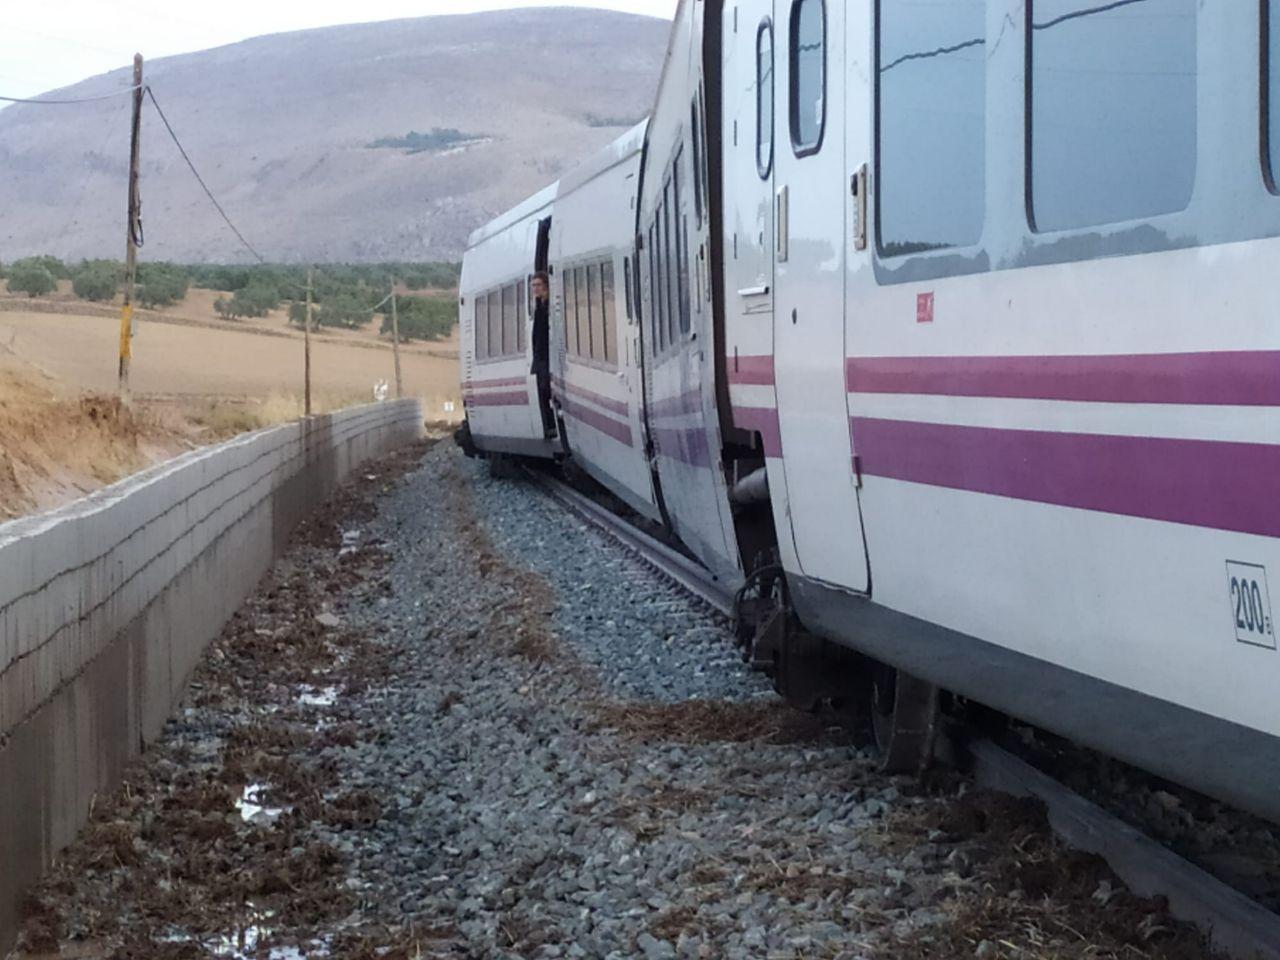 La Junta de Gobierno se solidariza con los heridos del accidente de tren